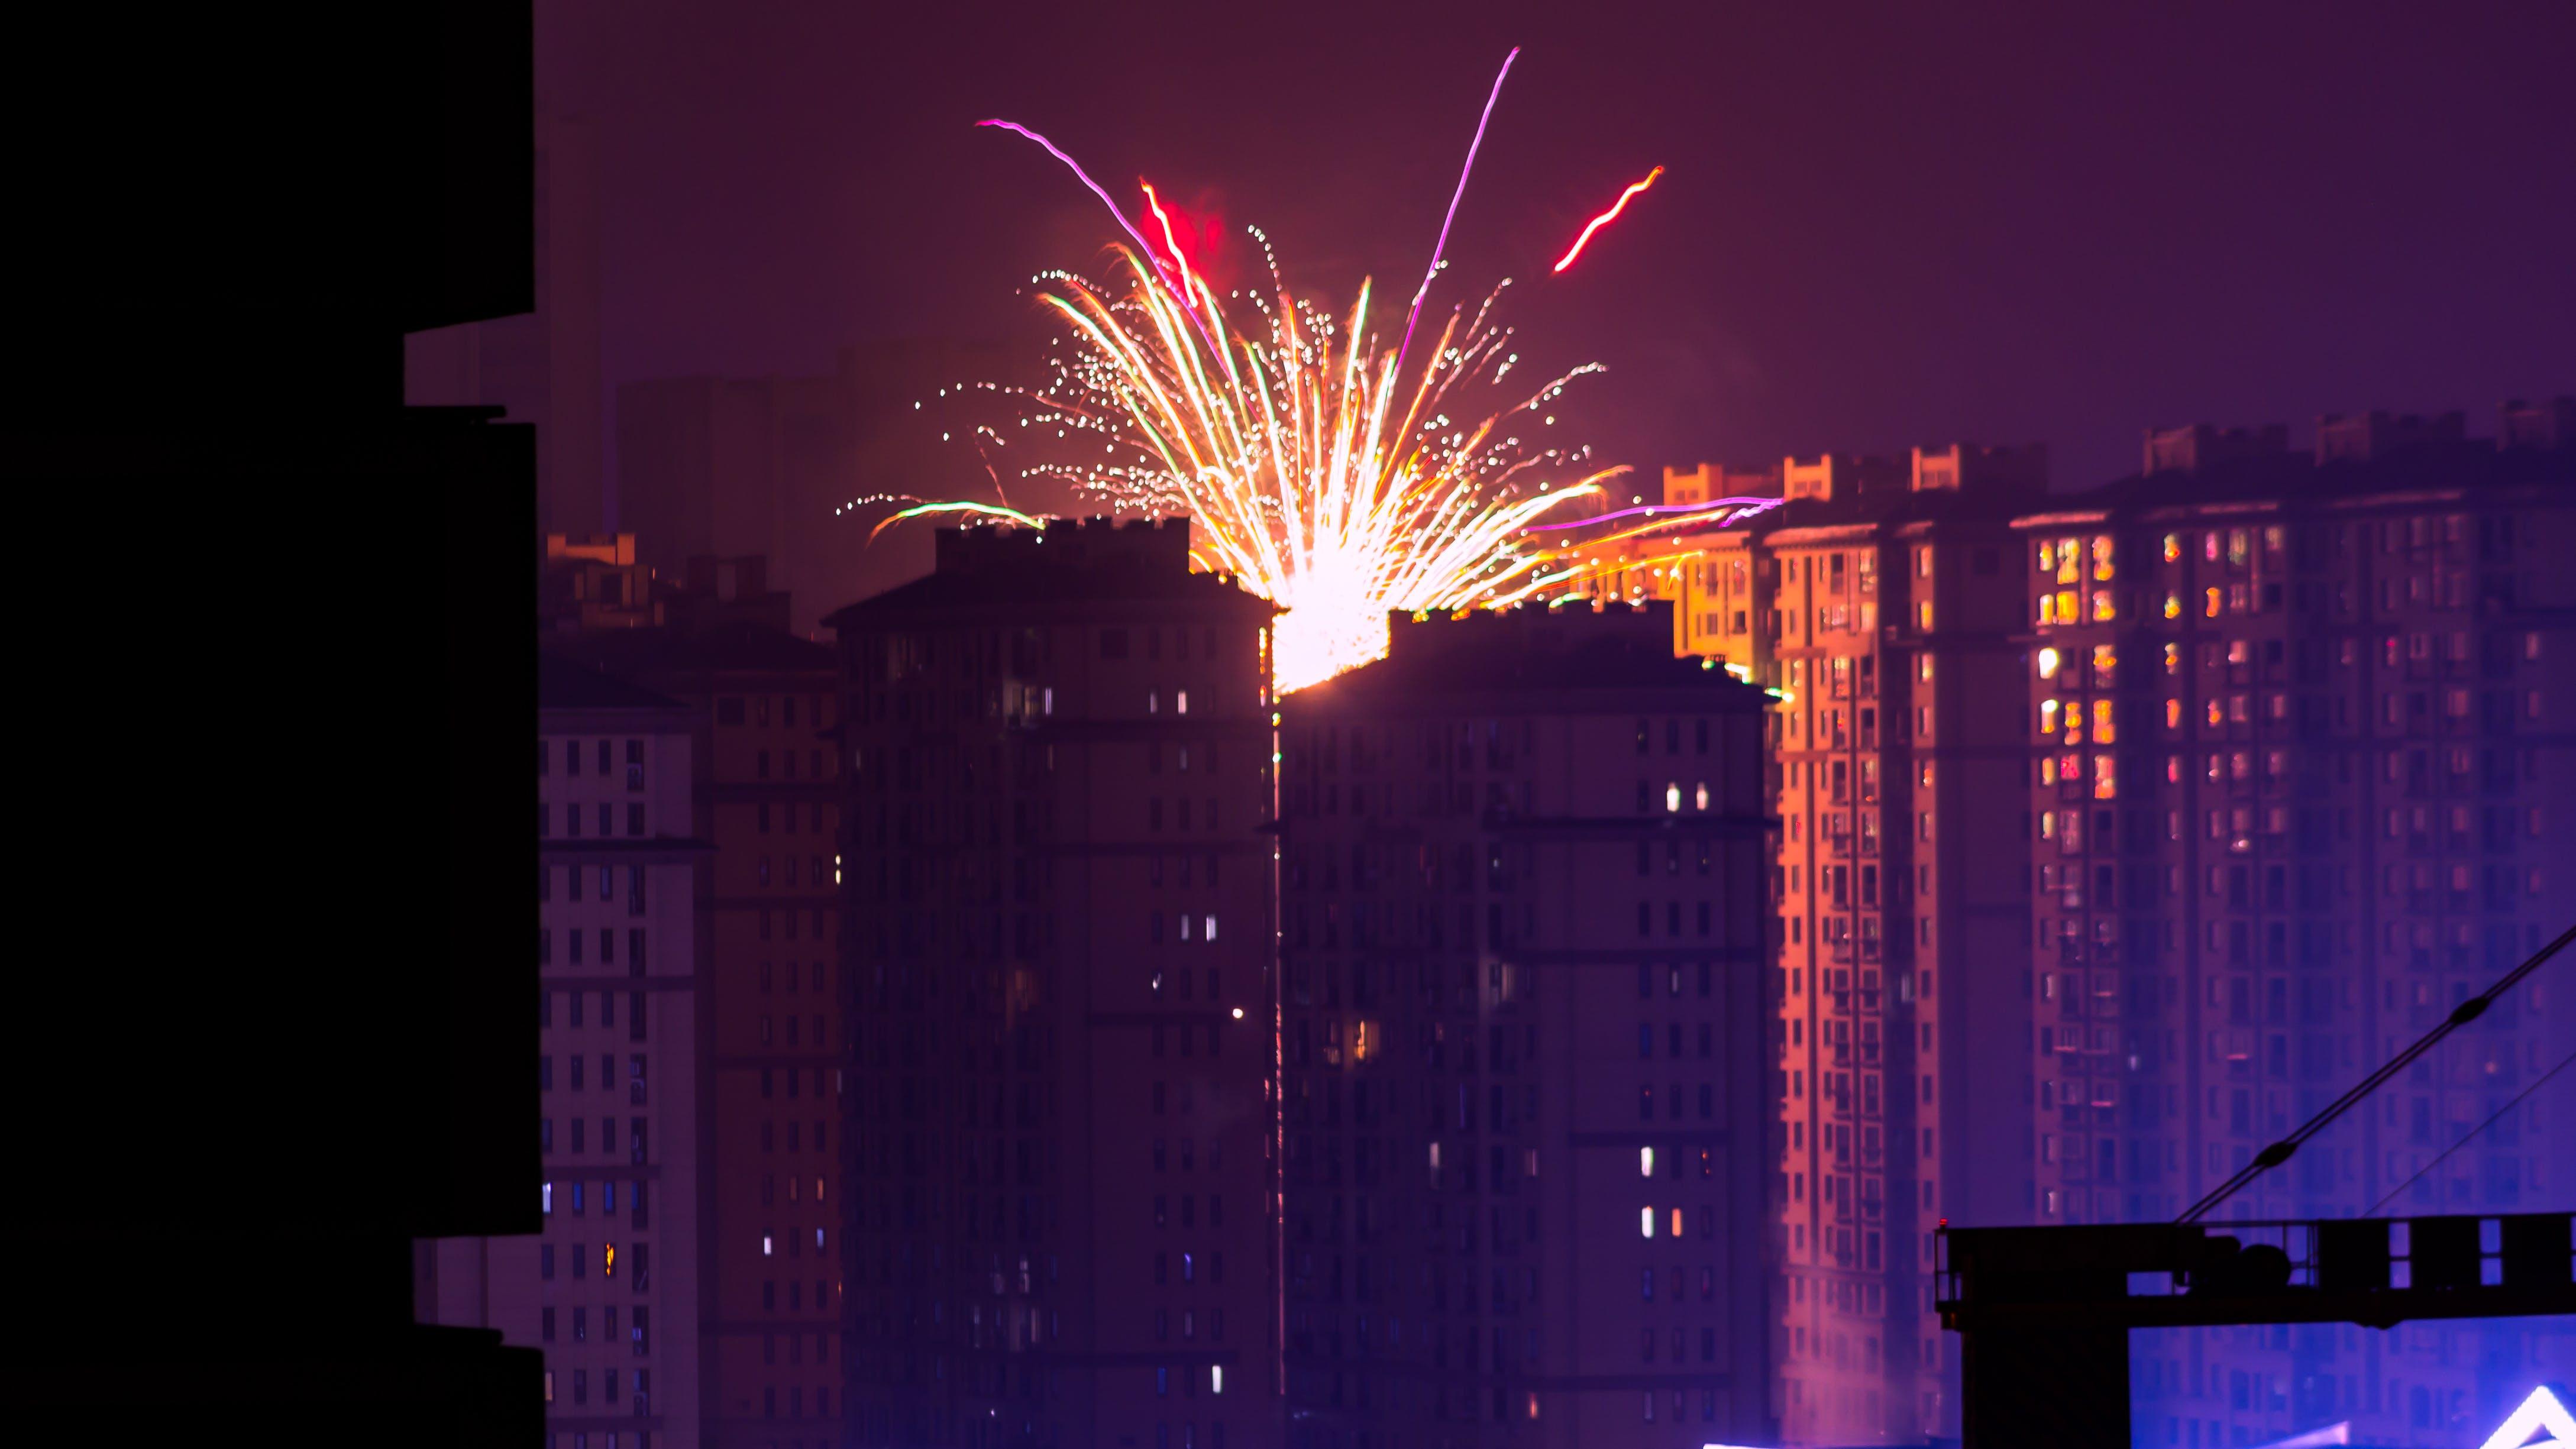 Immagine gratuita di architettura, città, edifici, esplosione